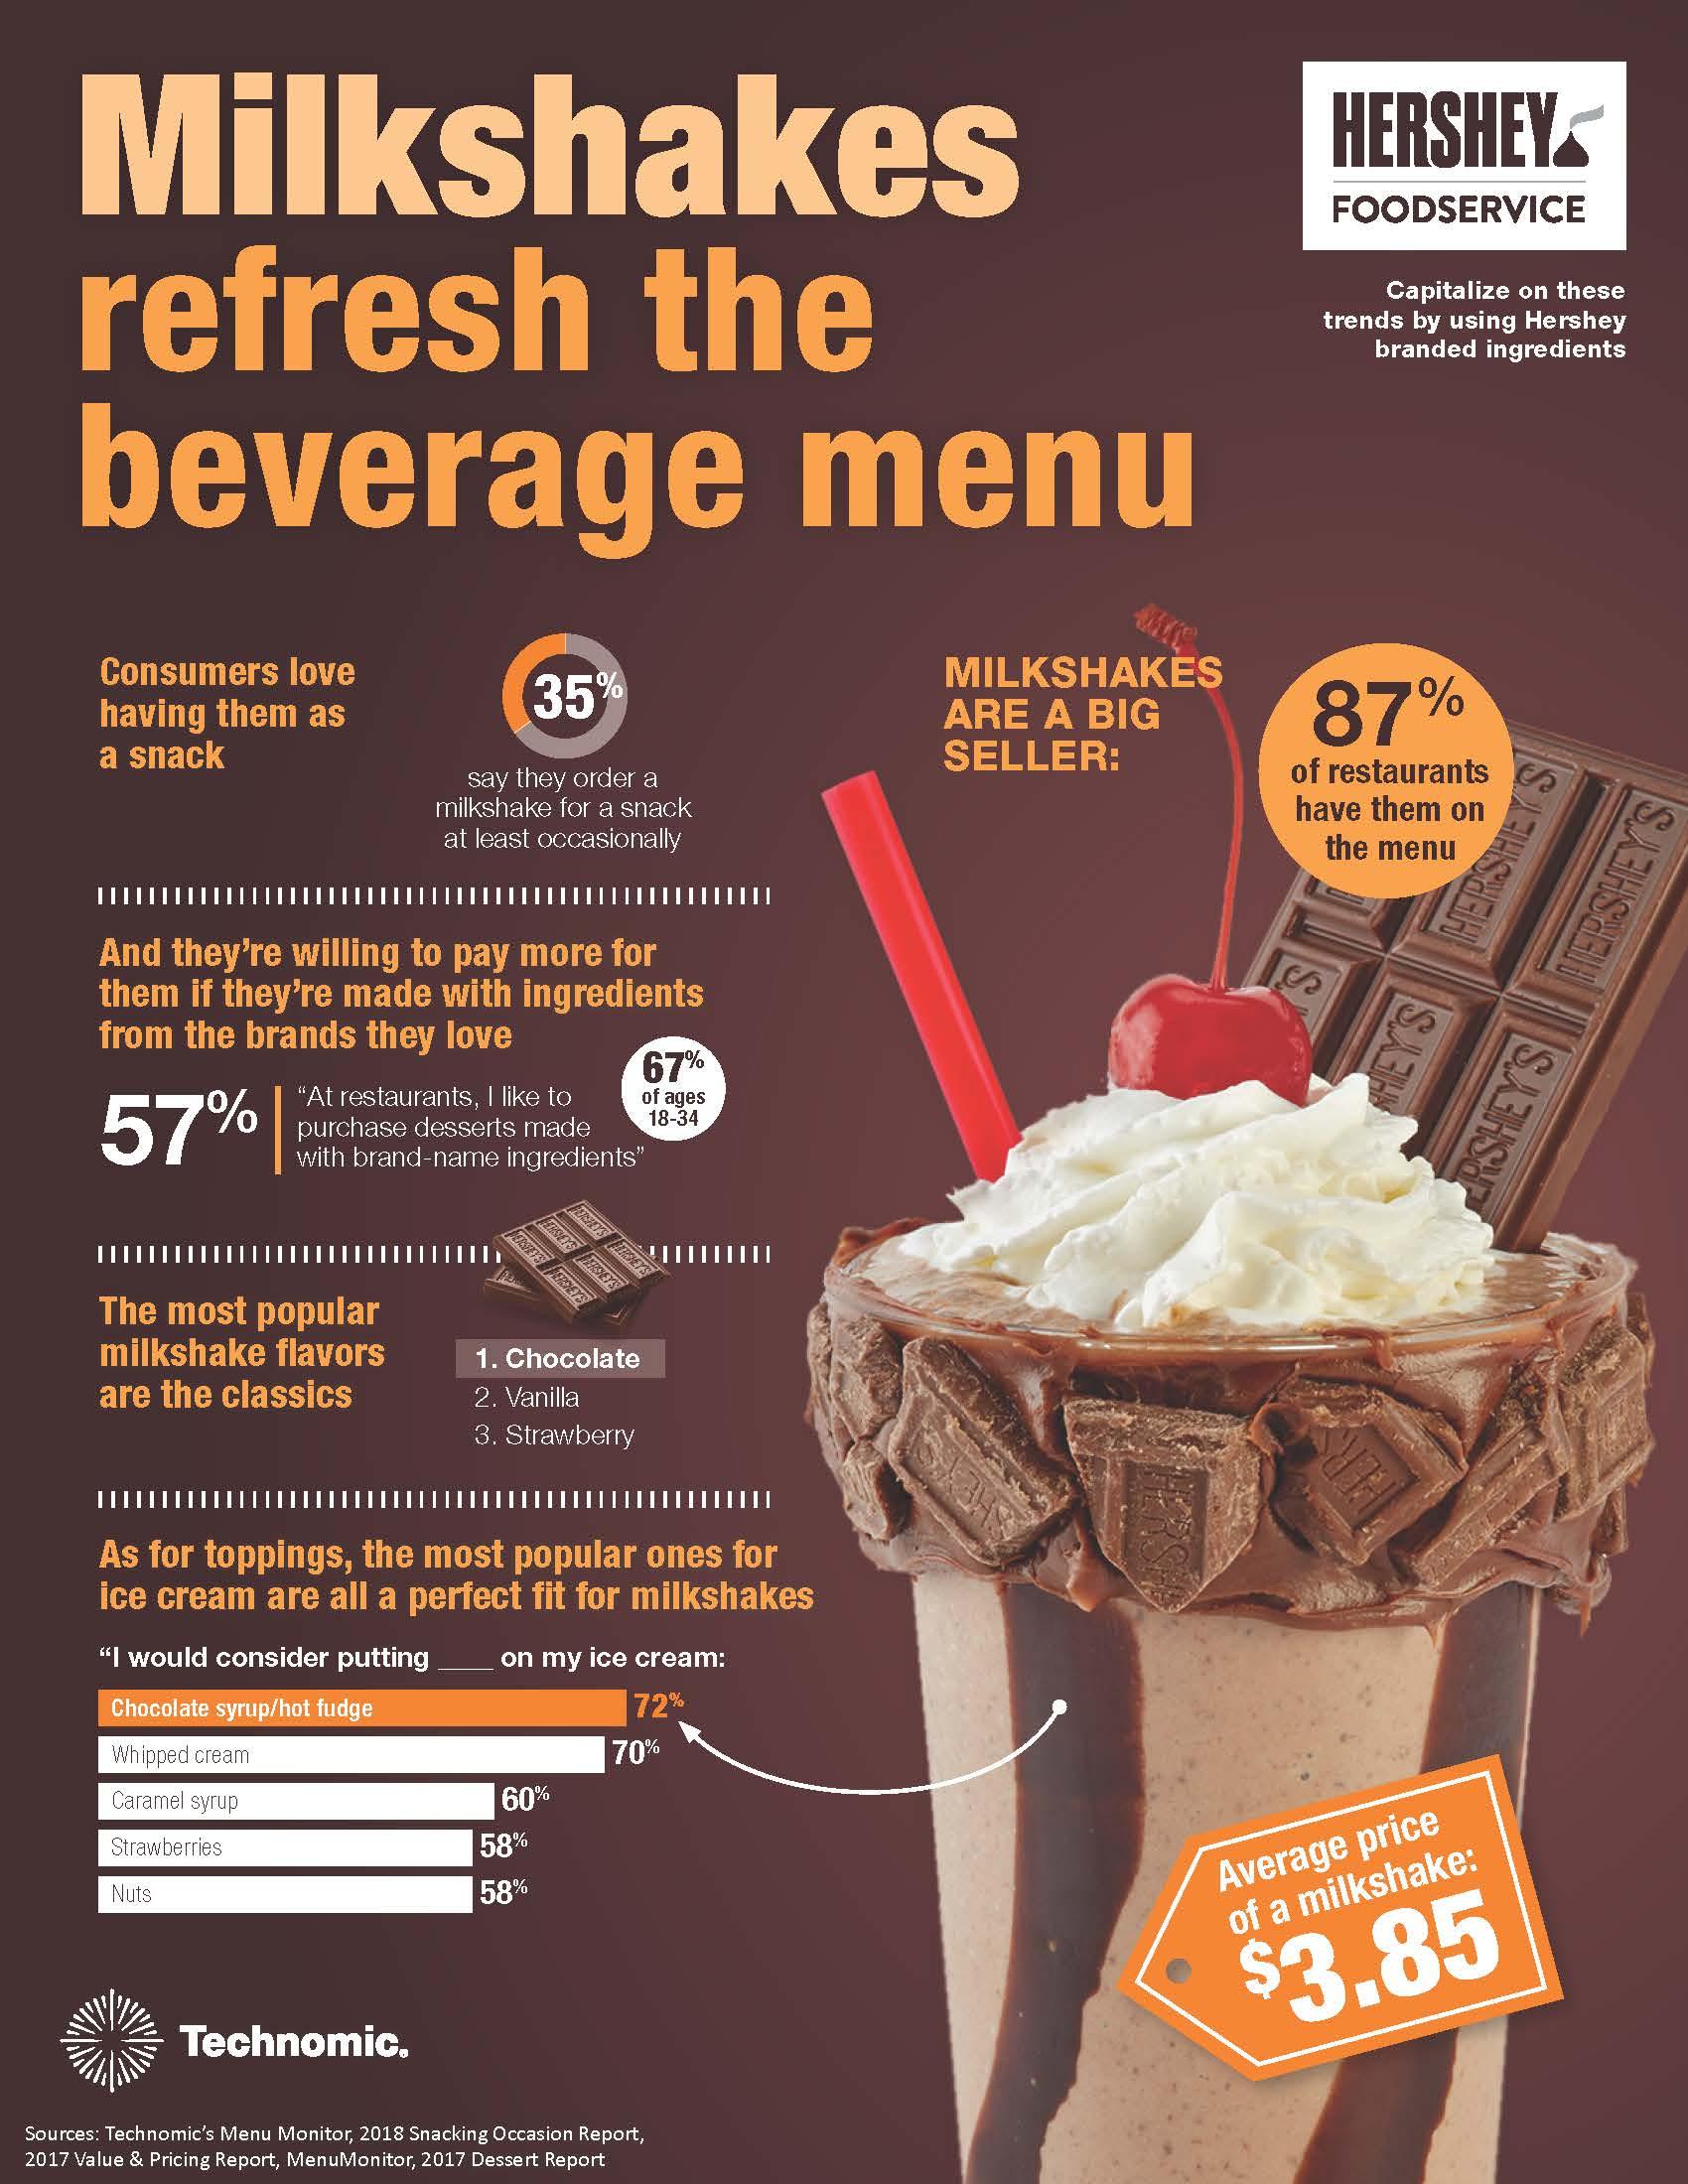 Hershey infographic